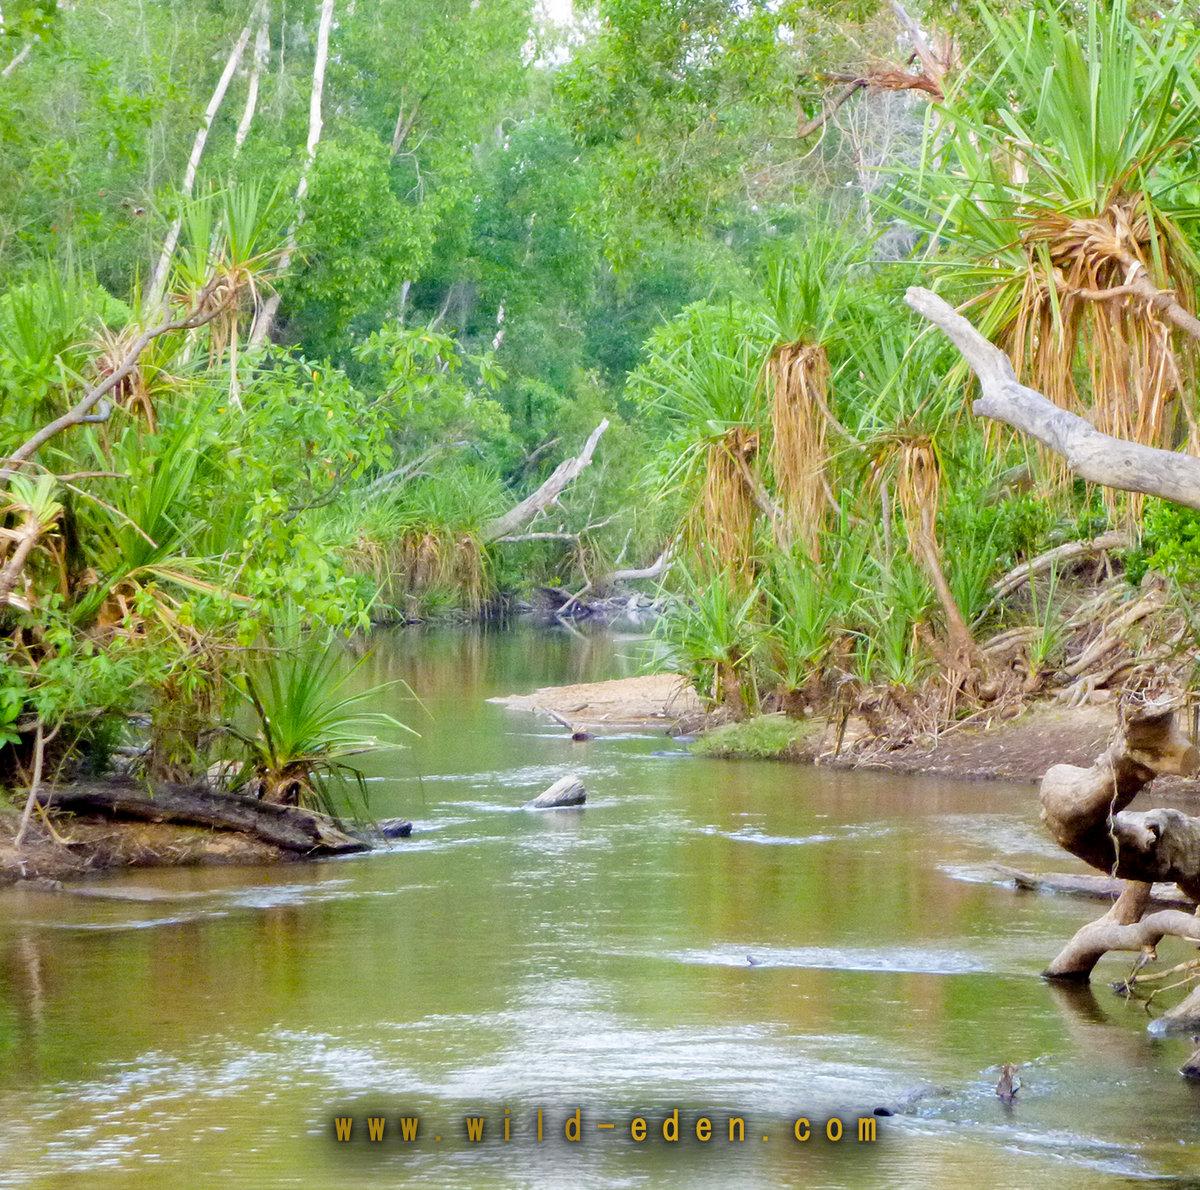 Tropical Rainforest Tropical Rainforest Sounds